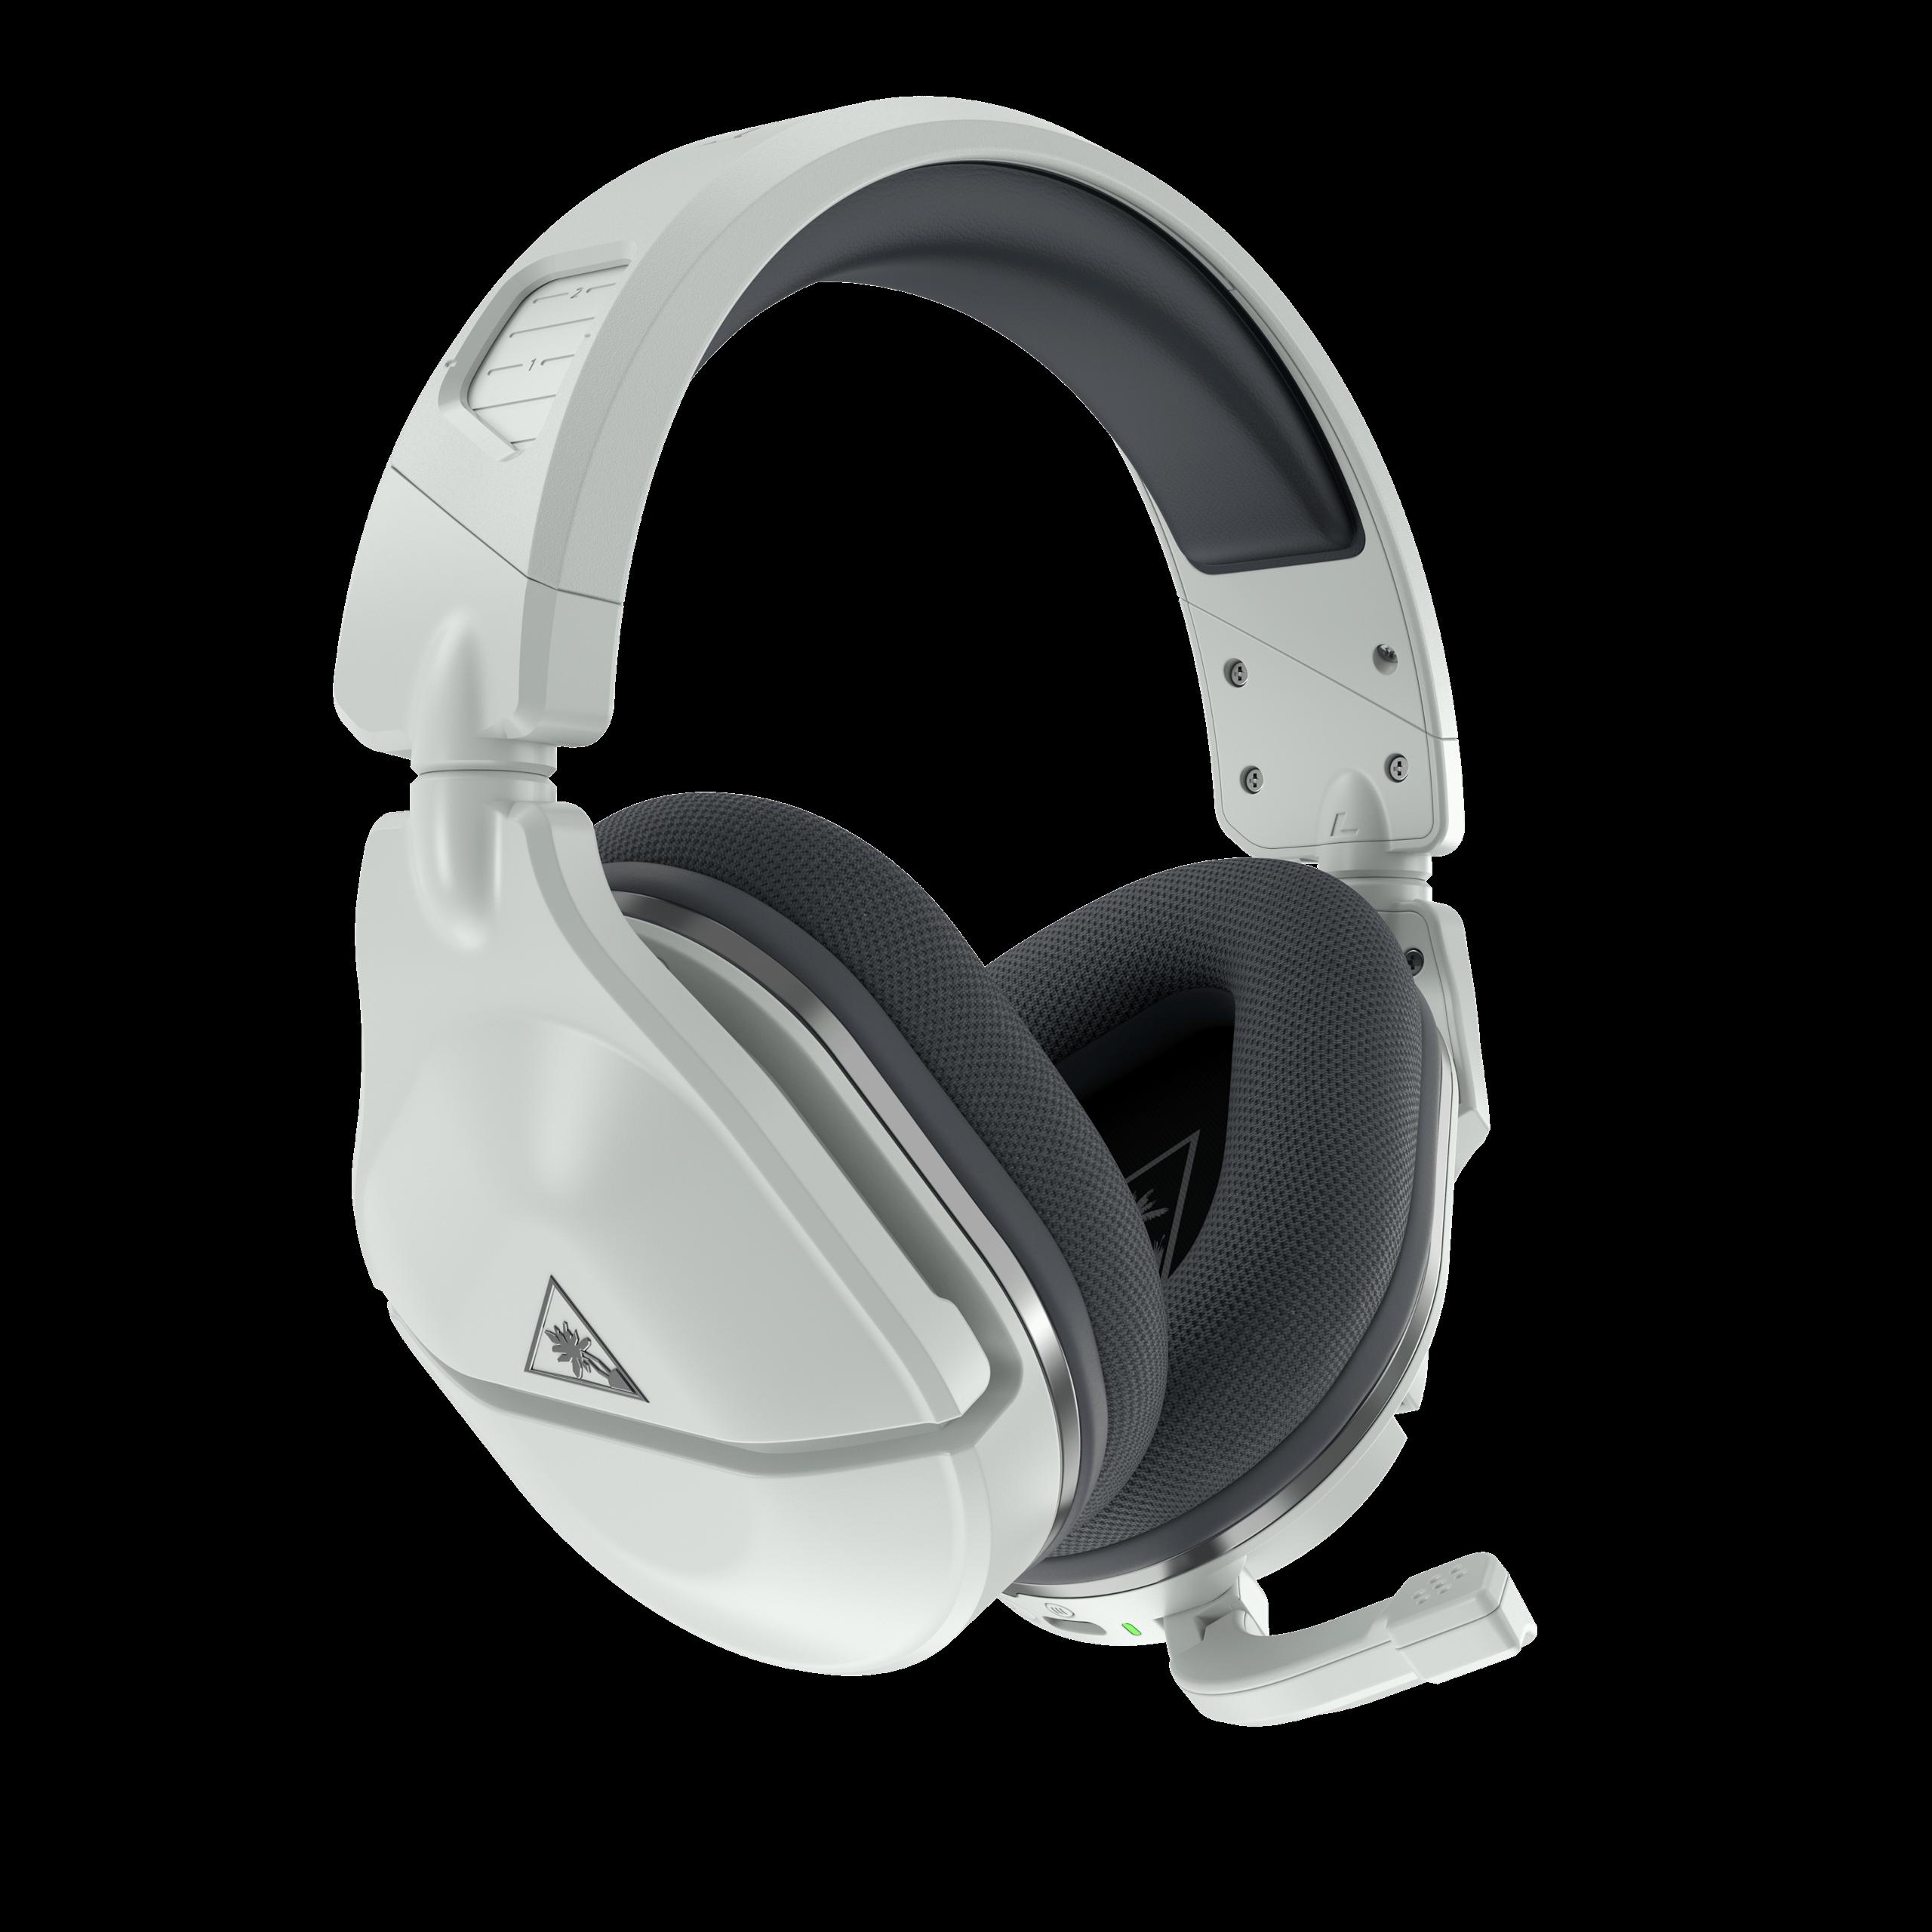 Stealth 600 Gen 2 Headset - Xbox - White